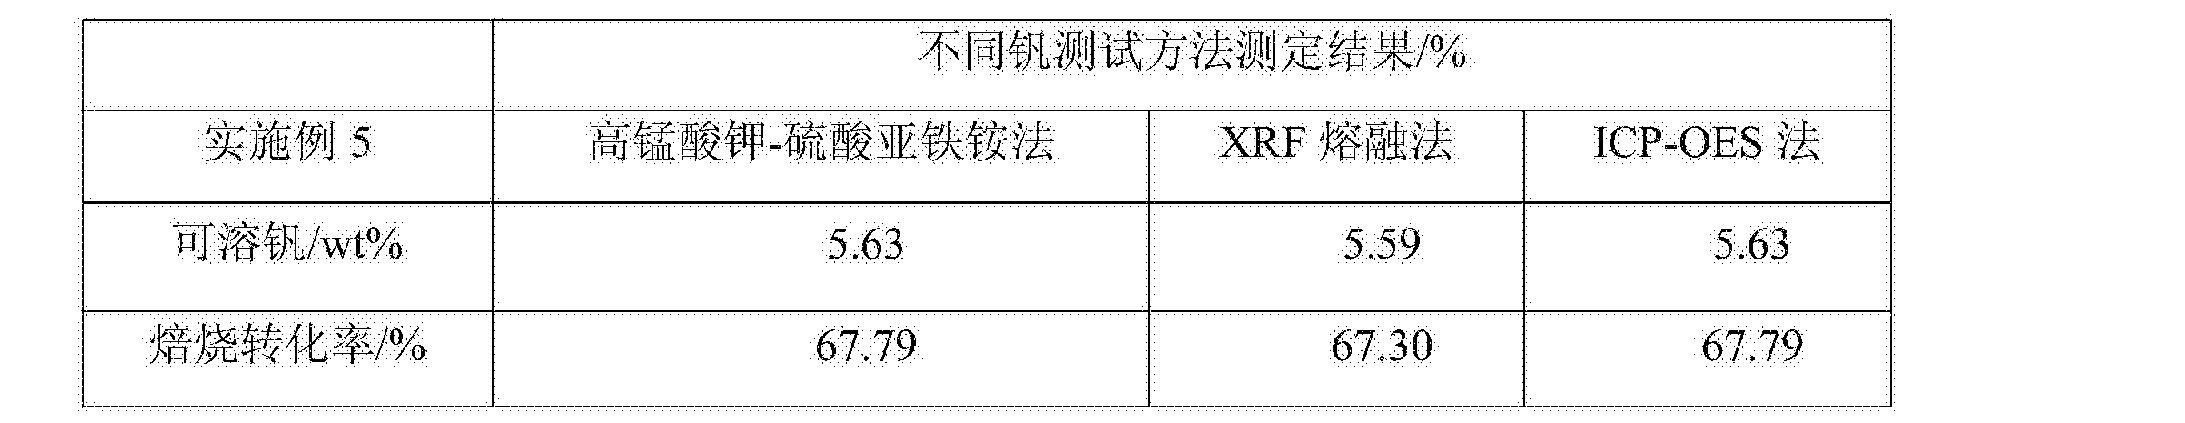 Figure CN104131161BD00103